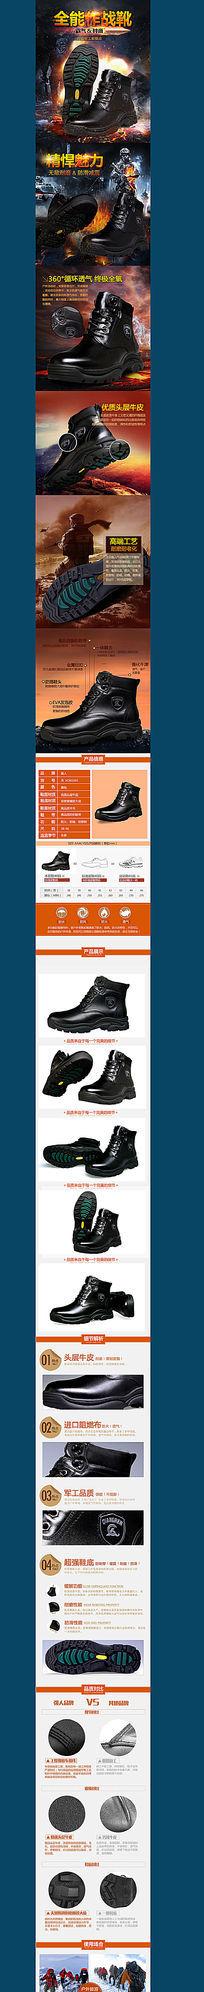 淘宝冬季户外棉鞋详情页PSD模板